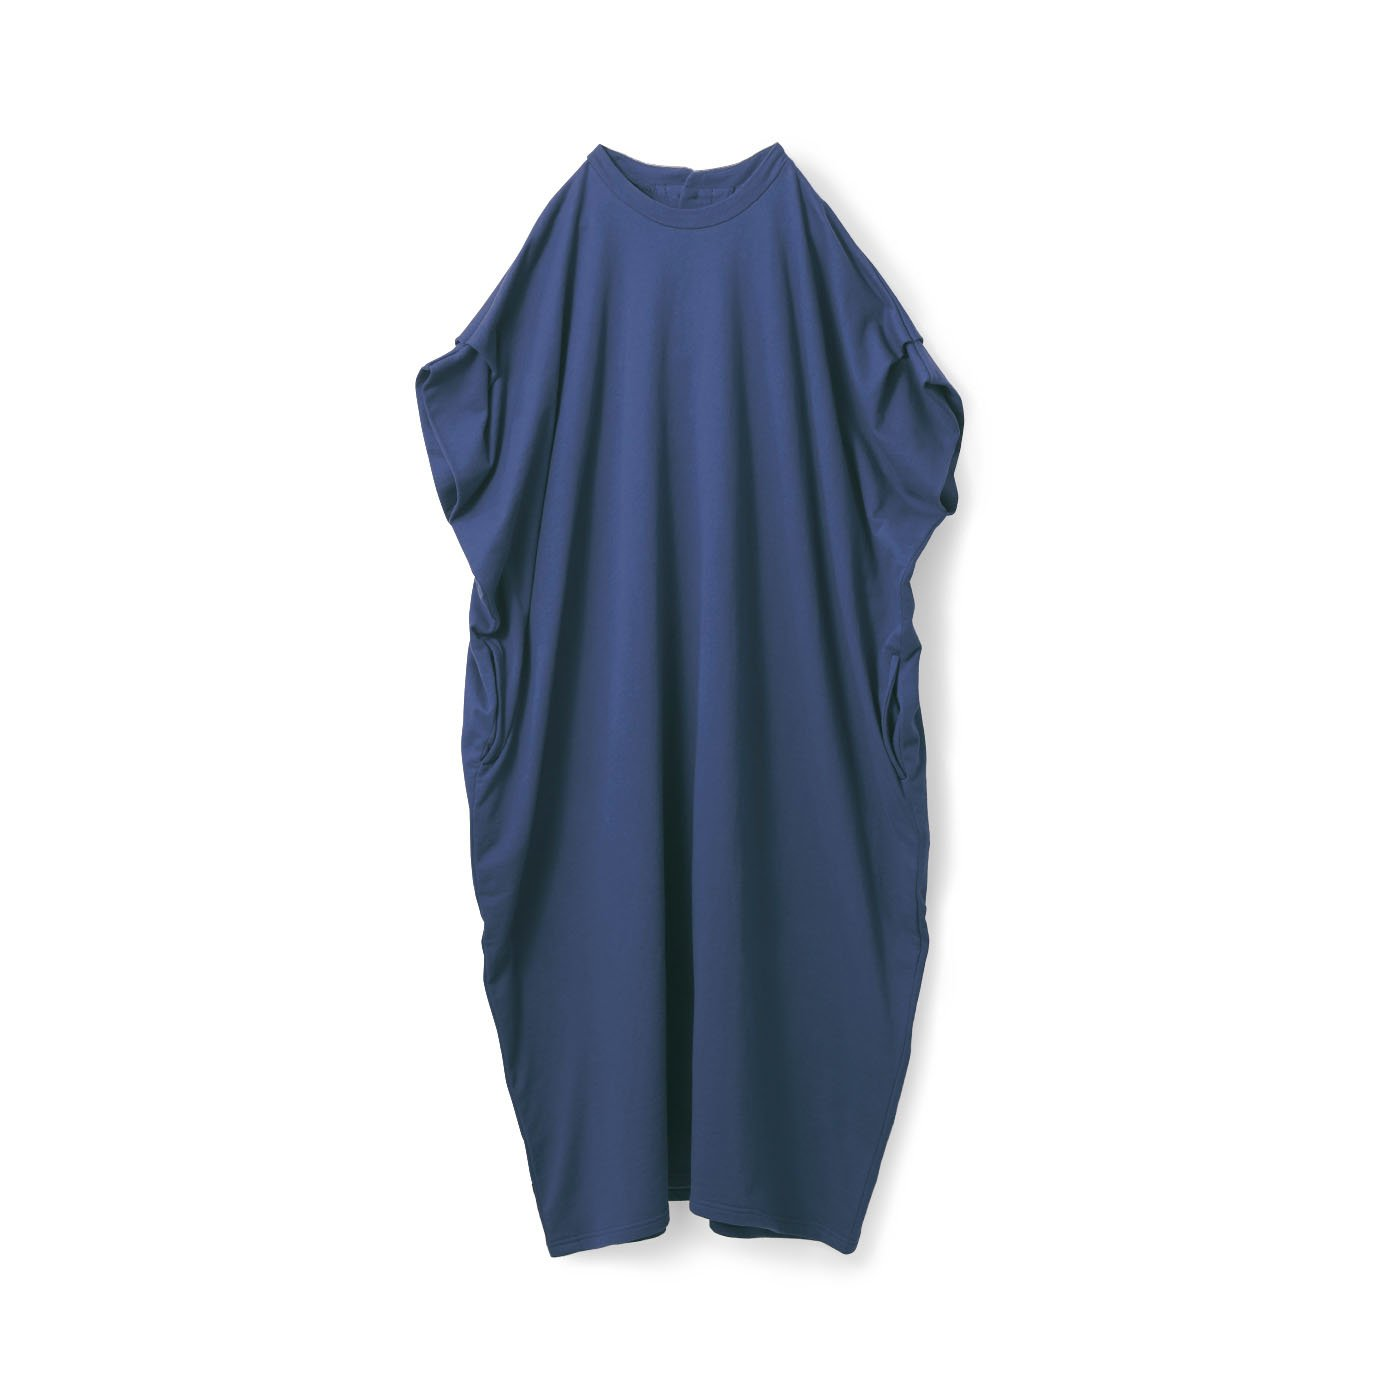 アヴェクモワ カットソーサックドレス〈青〉